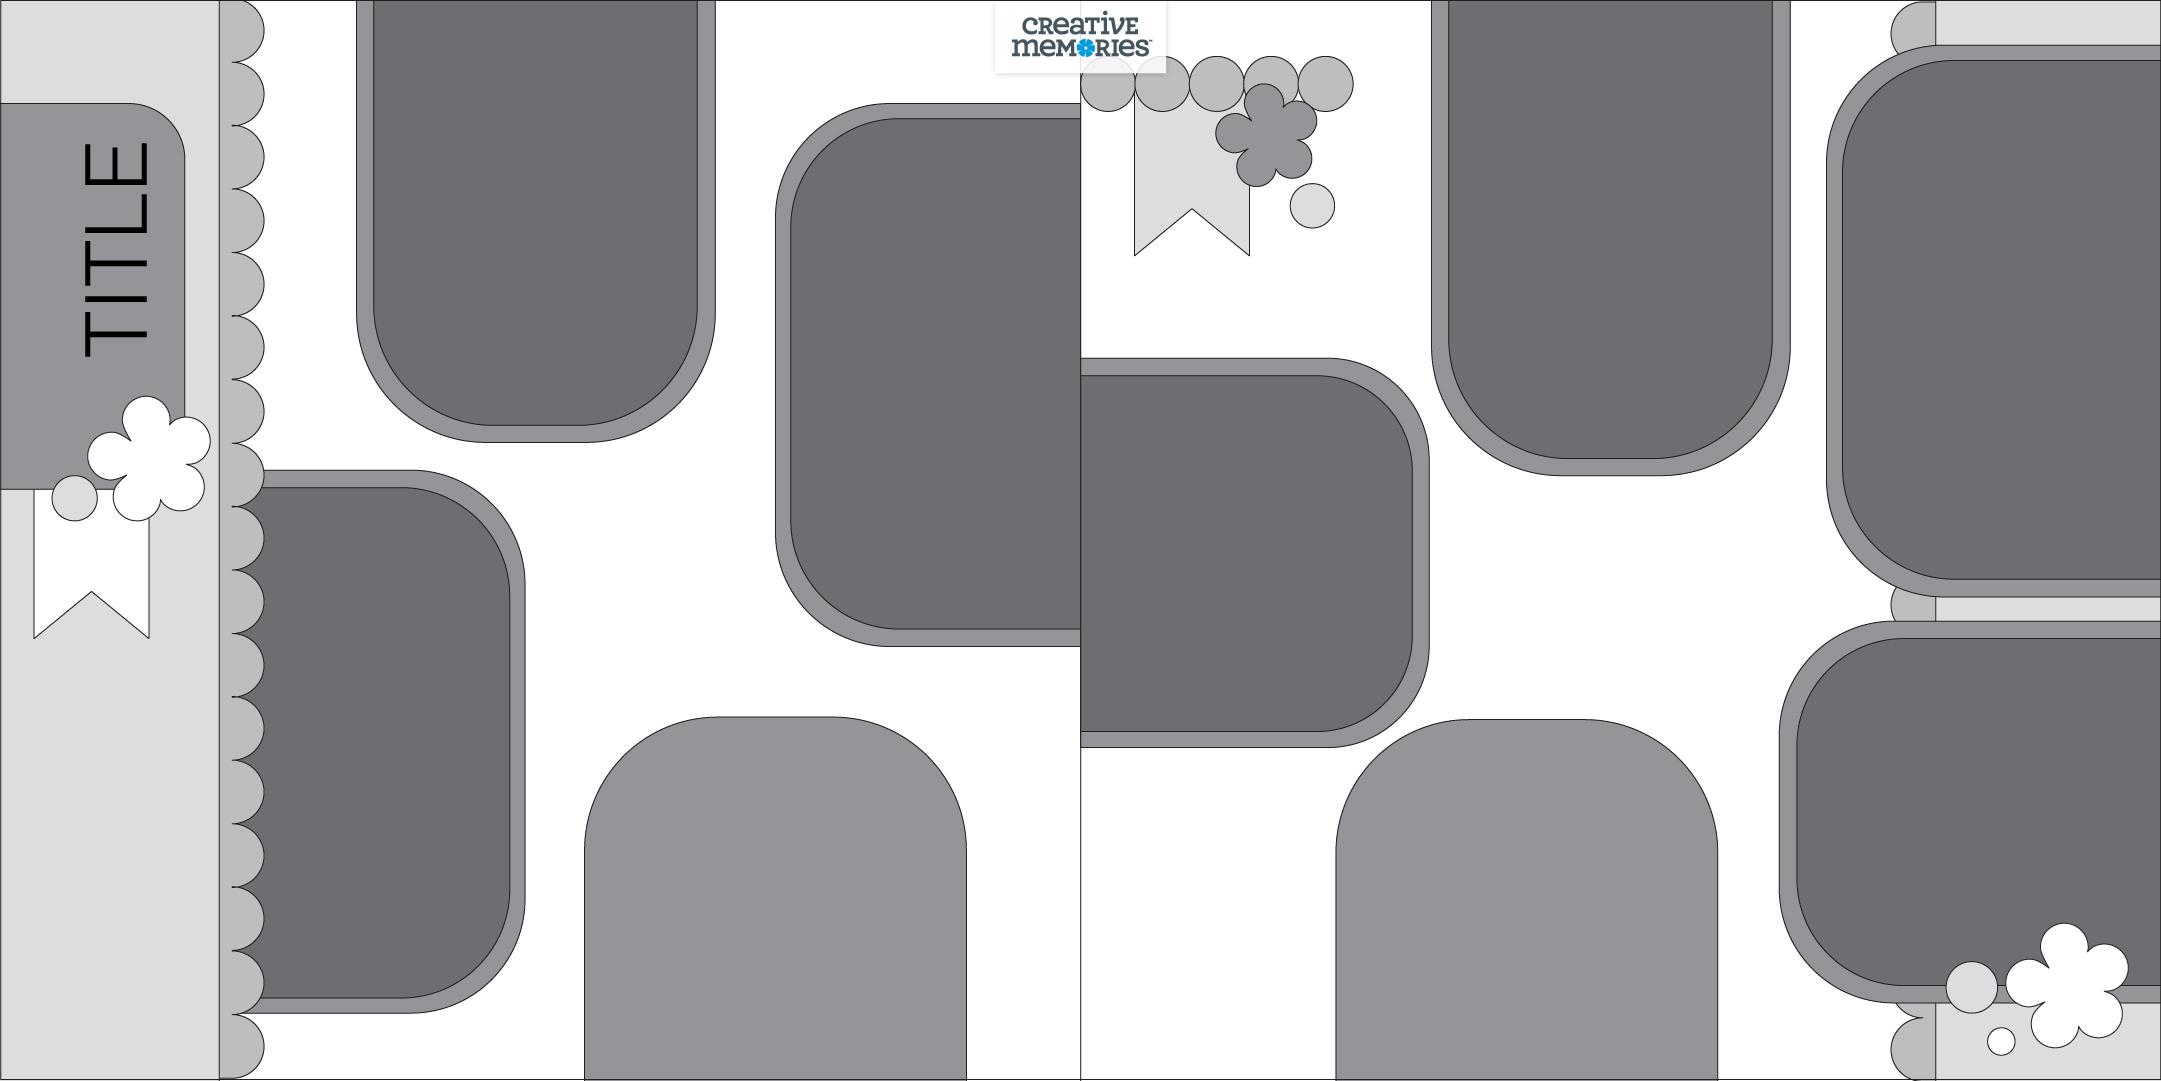 best-in-show-dance-scrapbook-layout-creative-memories_sketch (1)